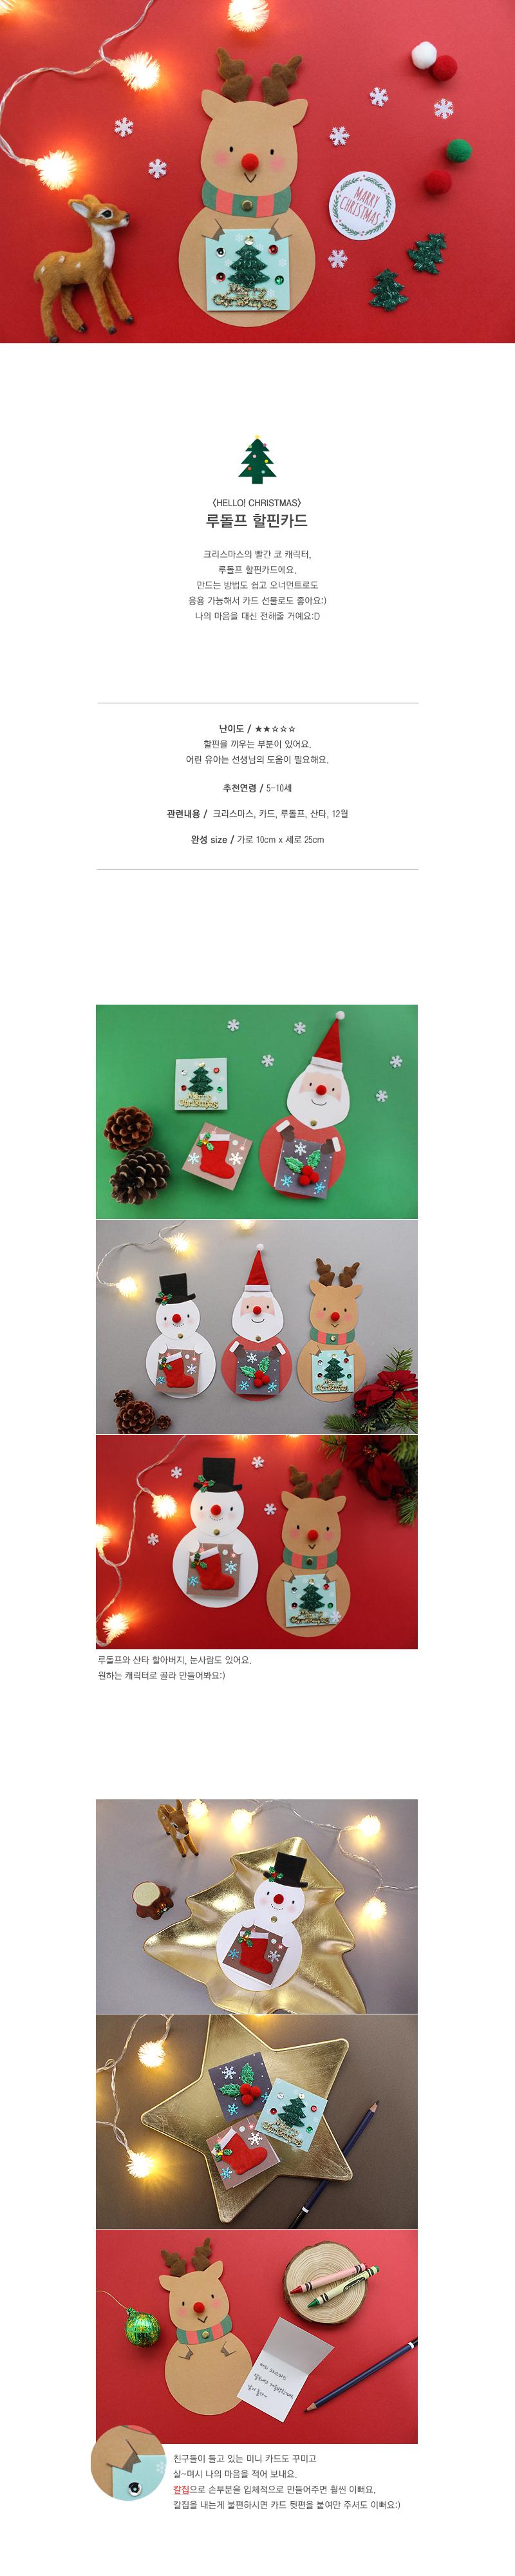 루돌프할핀카드5set - 도토리클래스, 11,000원, 카드, 크리스마스 카드